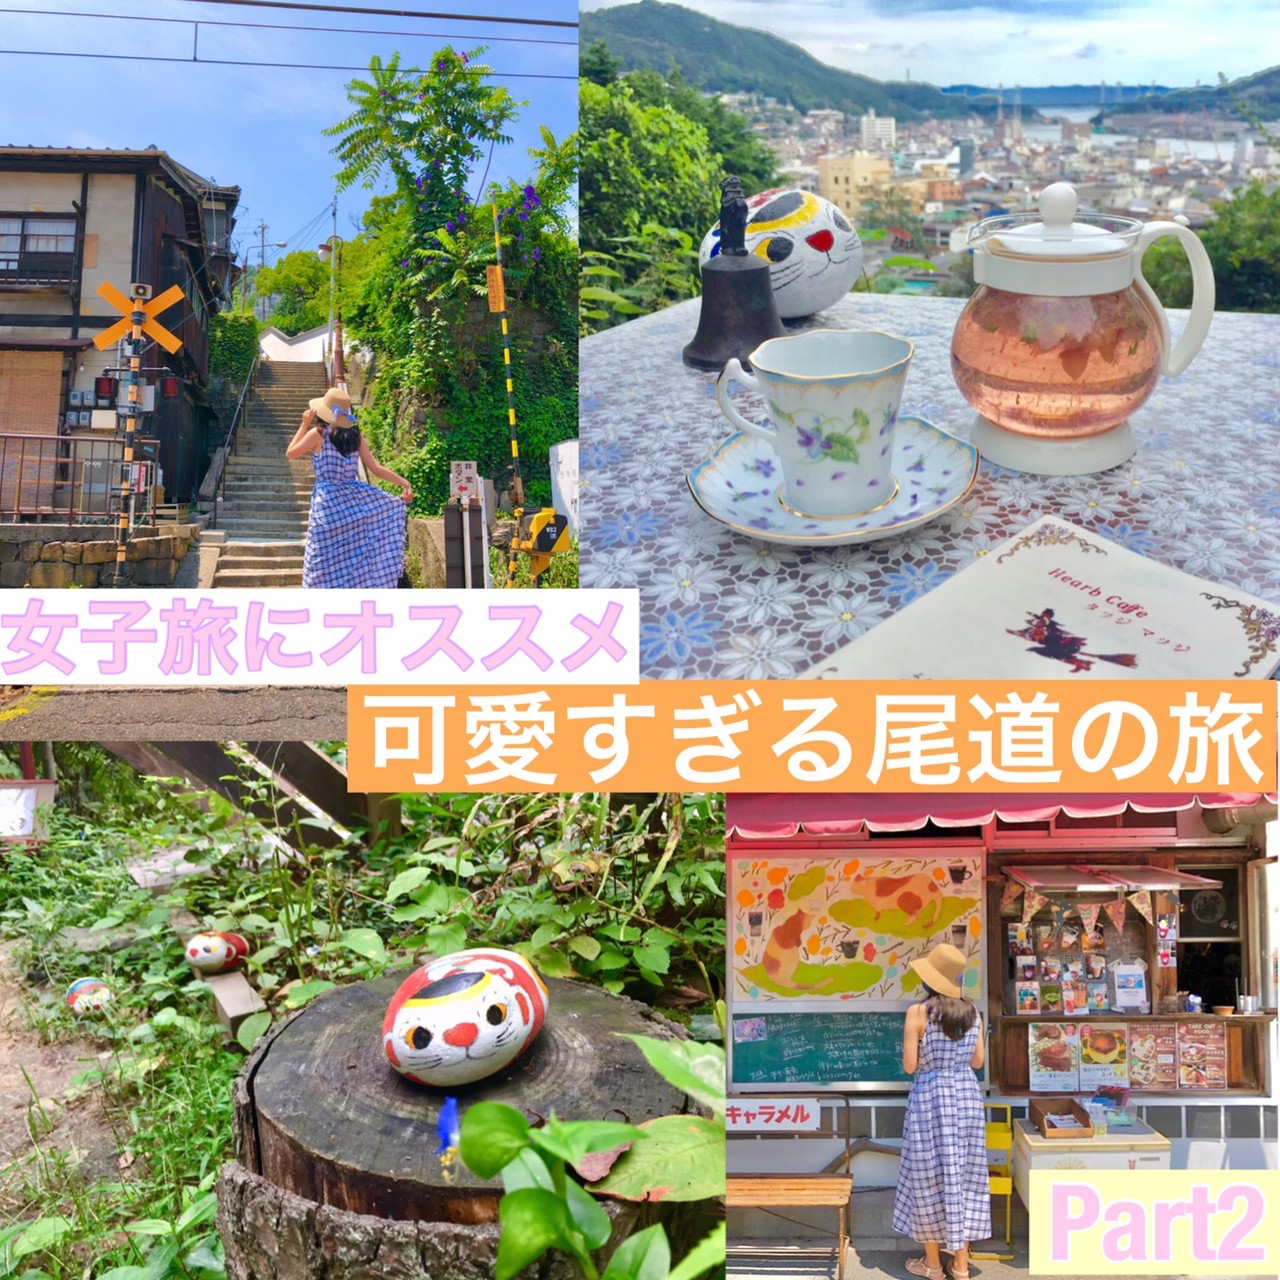 【女子旅でいくならここ】可愛すぎるネコとレモンの街、尾道 後編_1